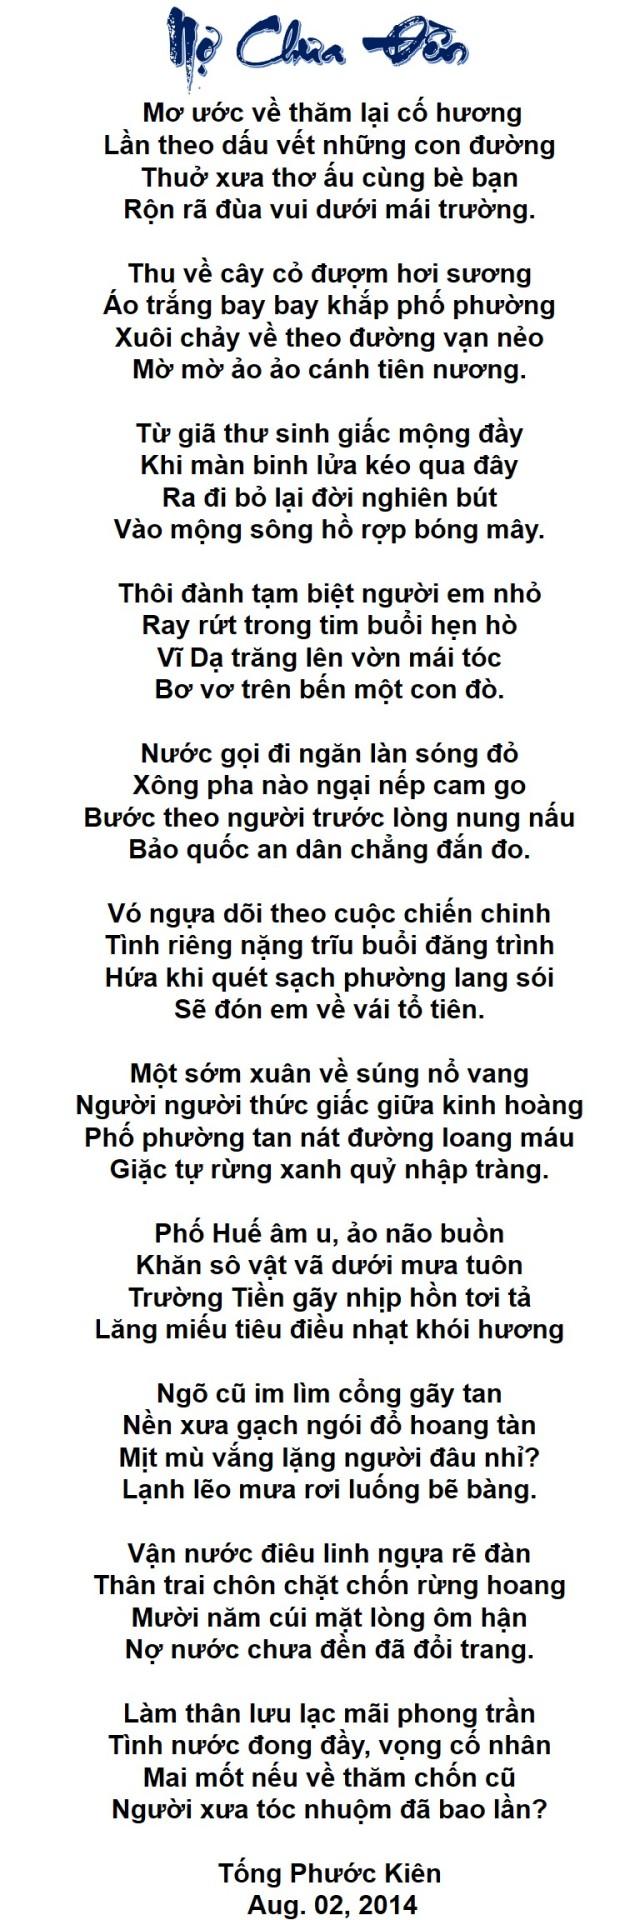 NỢ CHƯA ĐỀN_TPK